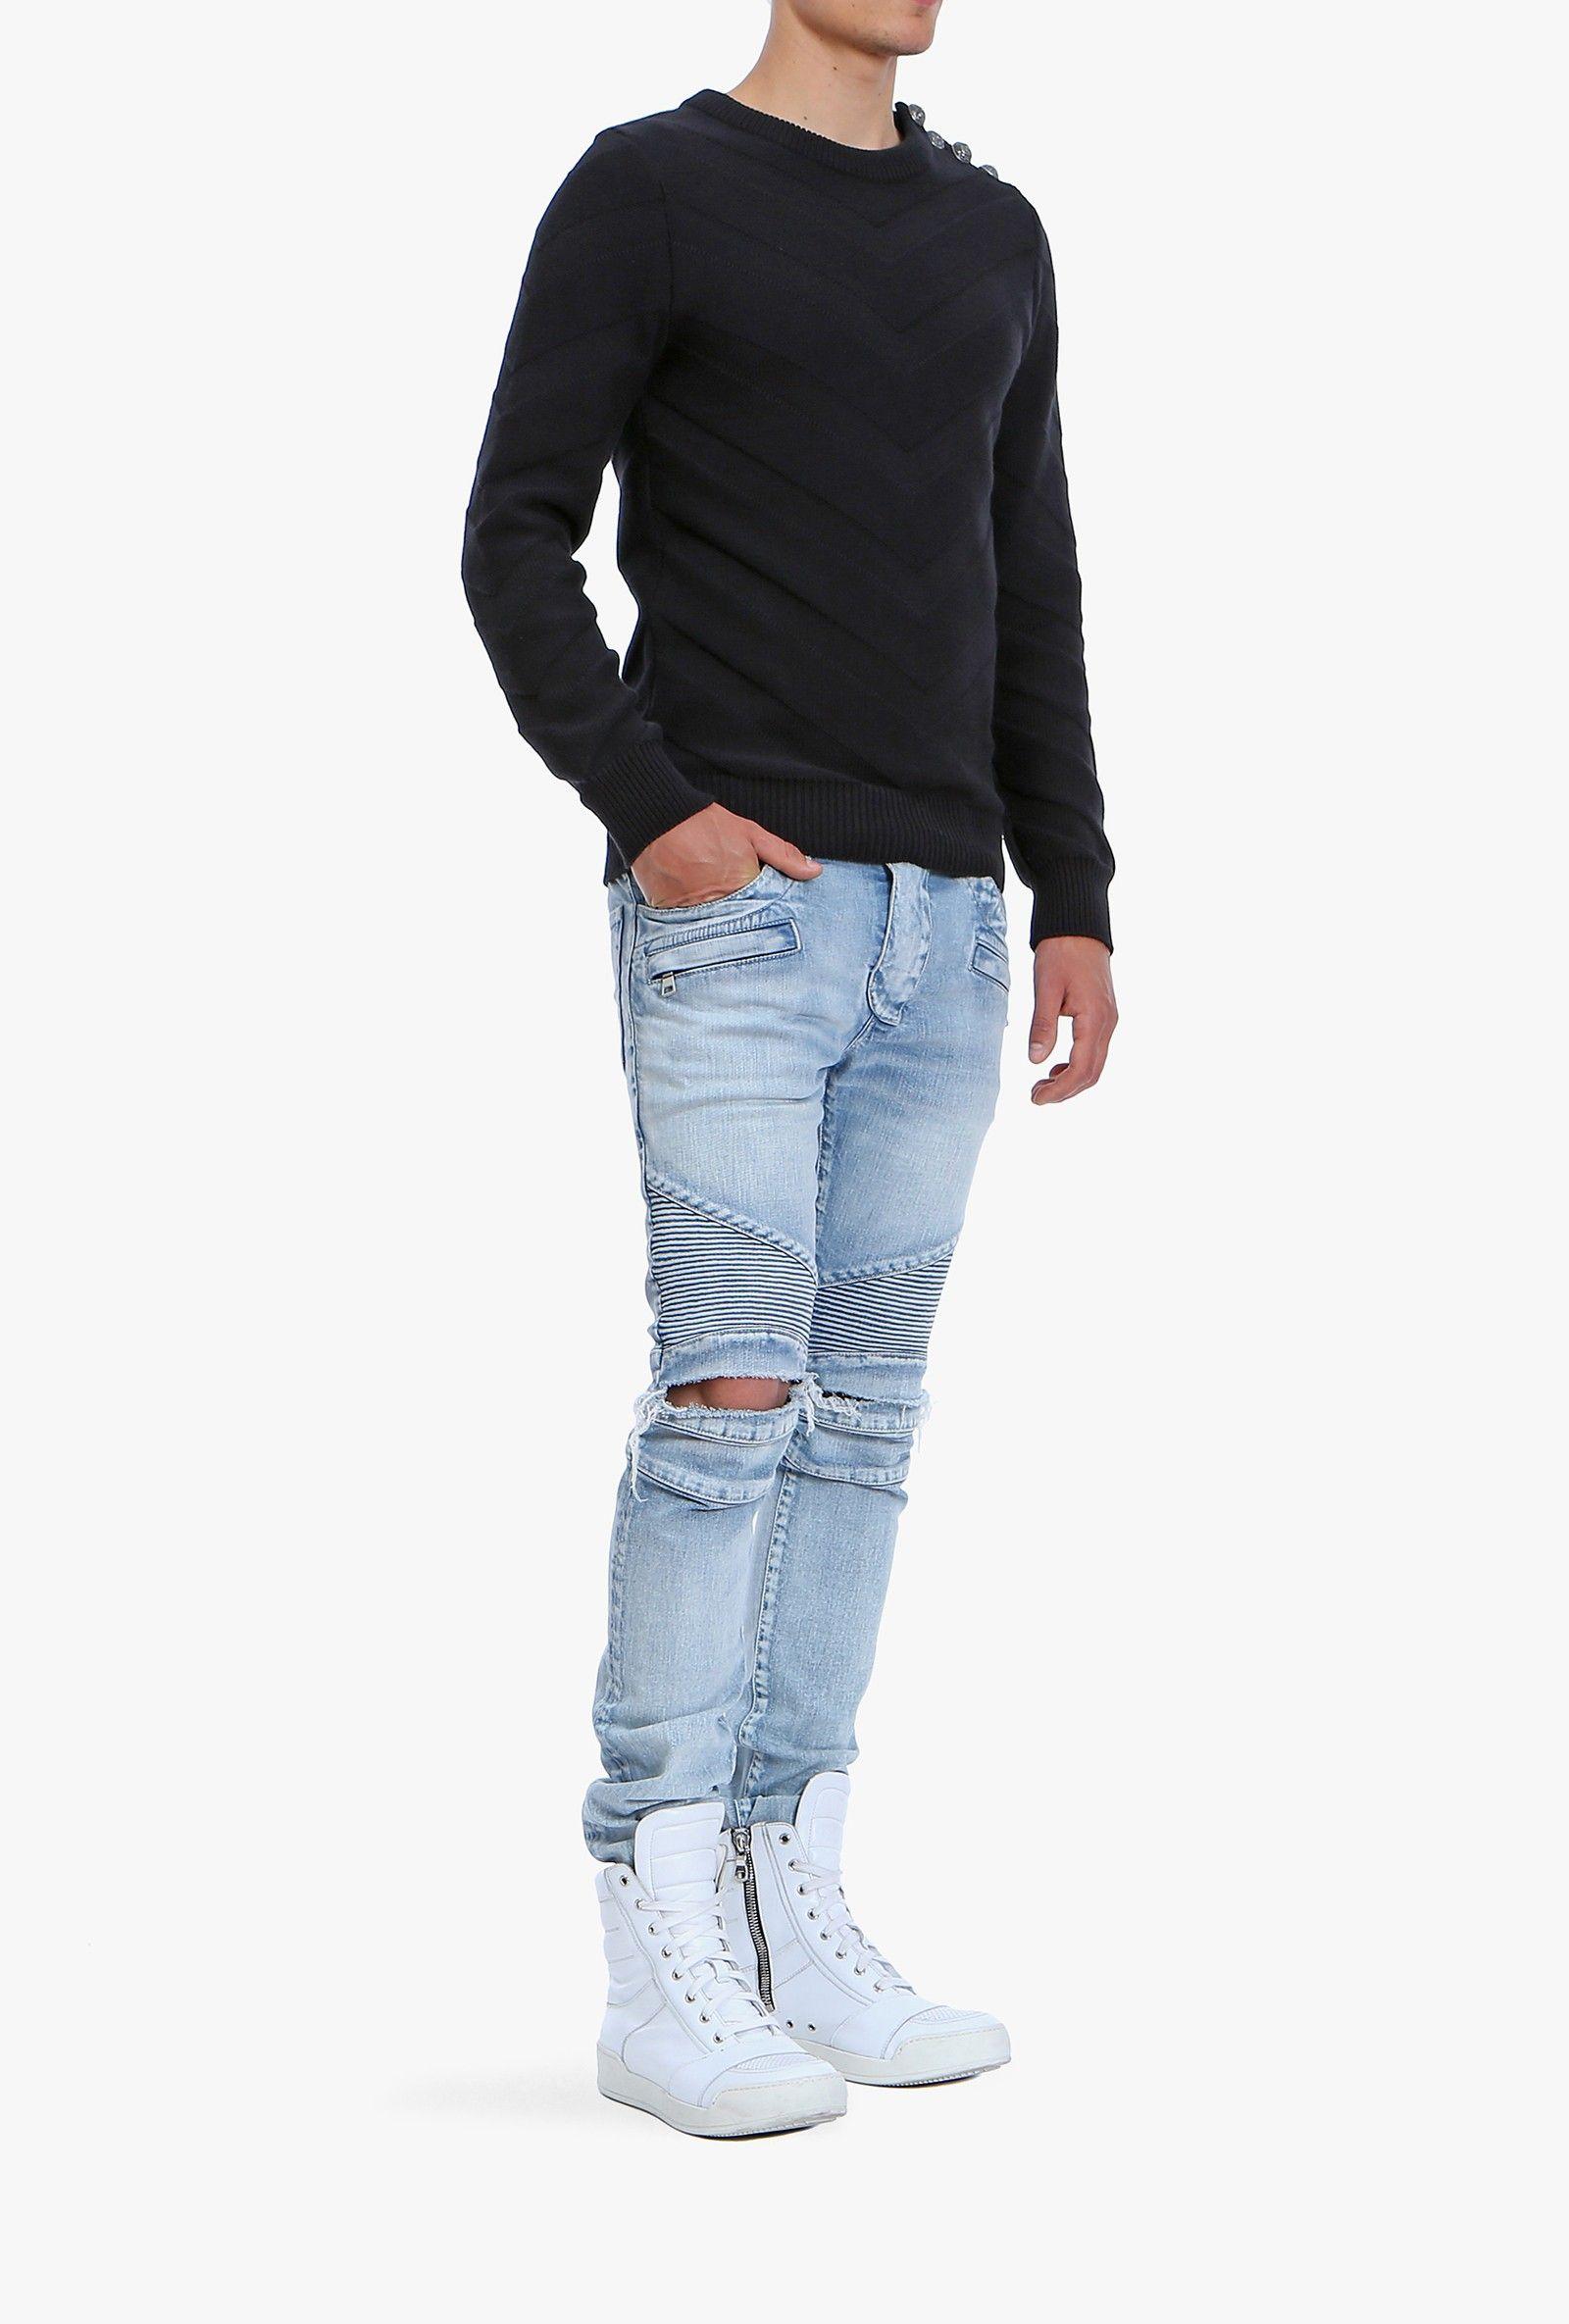 Balmain, Spring/Summer 2015, Men, Biker jeans Online Store | Stuff ...